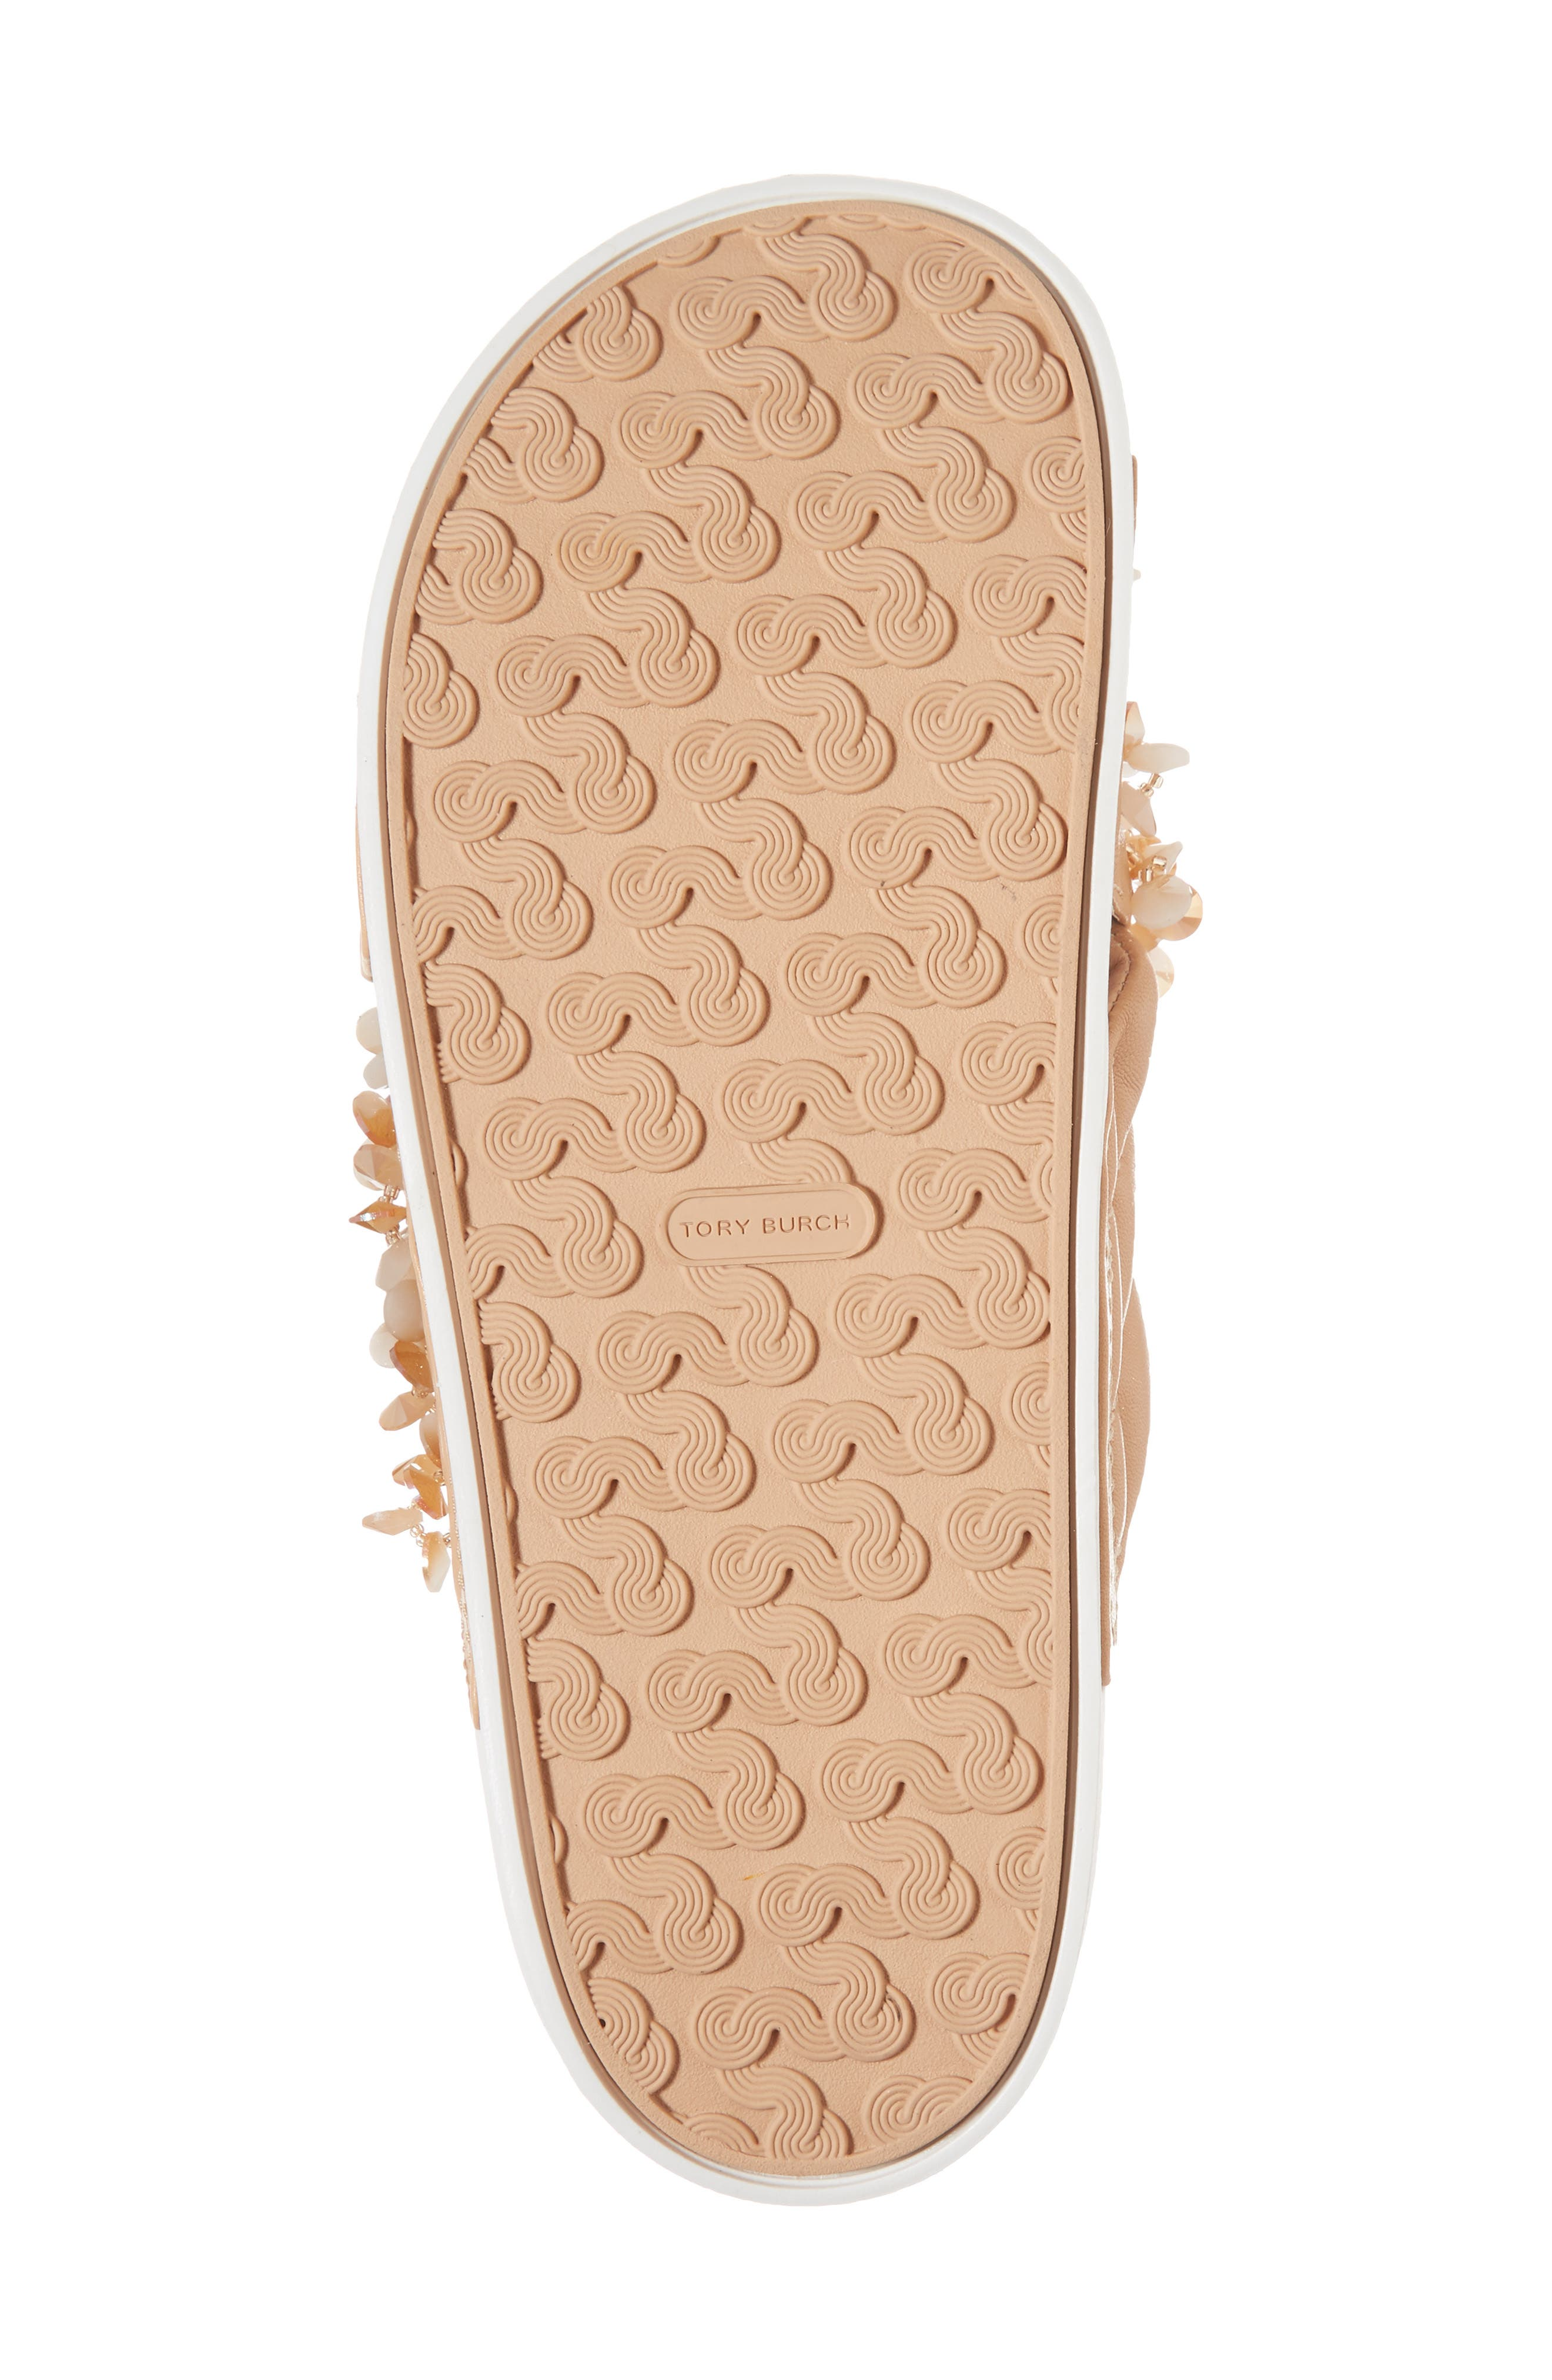 Logan Embellished Slide Sandal,                             Alternate thumbnail 6, color,                             217